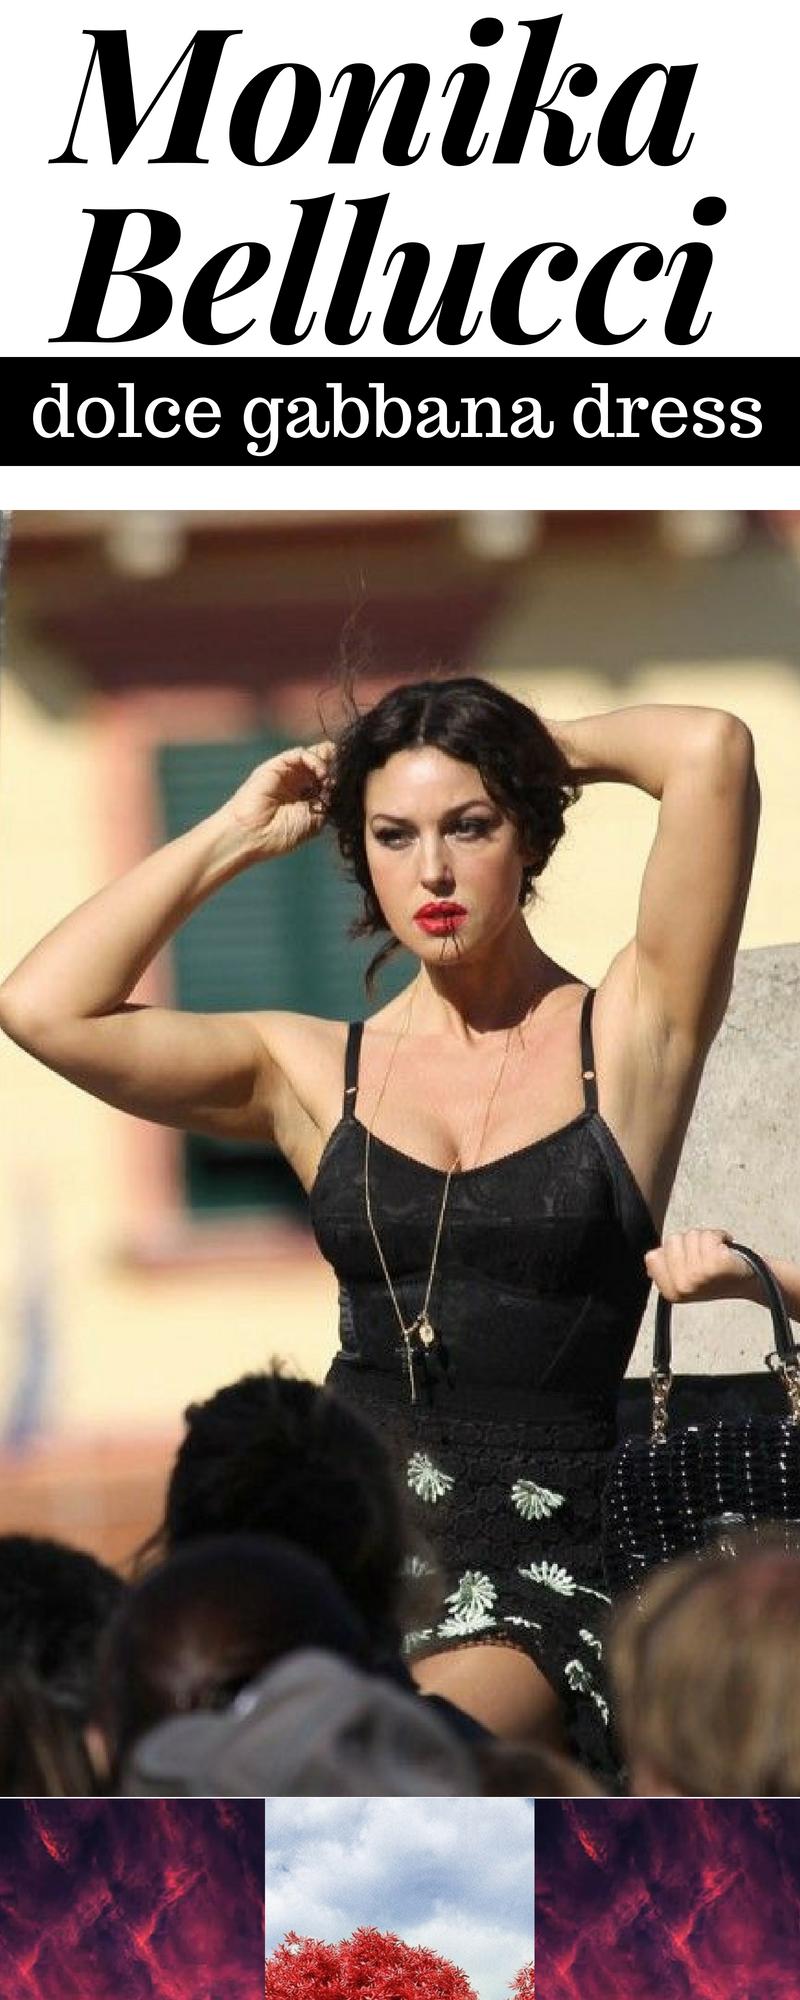 Monica Belluccis Hot Scene Monica Bellucci Beauty Tips And Fitness Secrets Monica Bellucci Movies Female